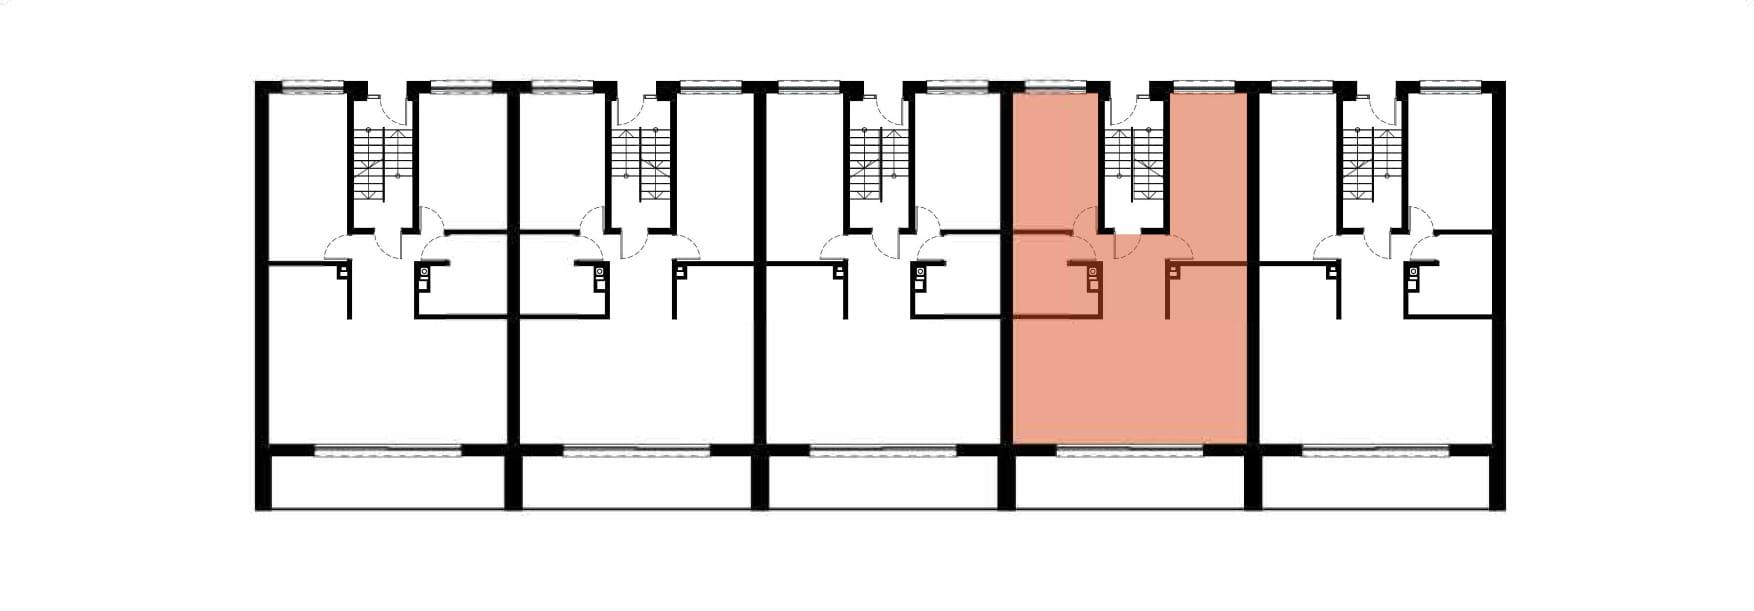 Apartamenty Kamienna / apartamenty inwestycyjne 4A rzut 2